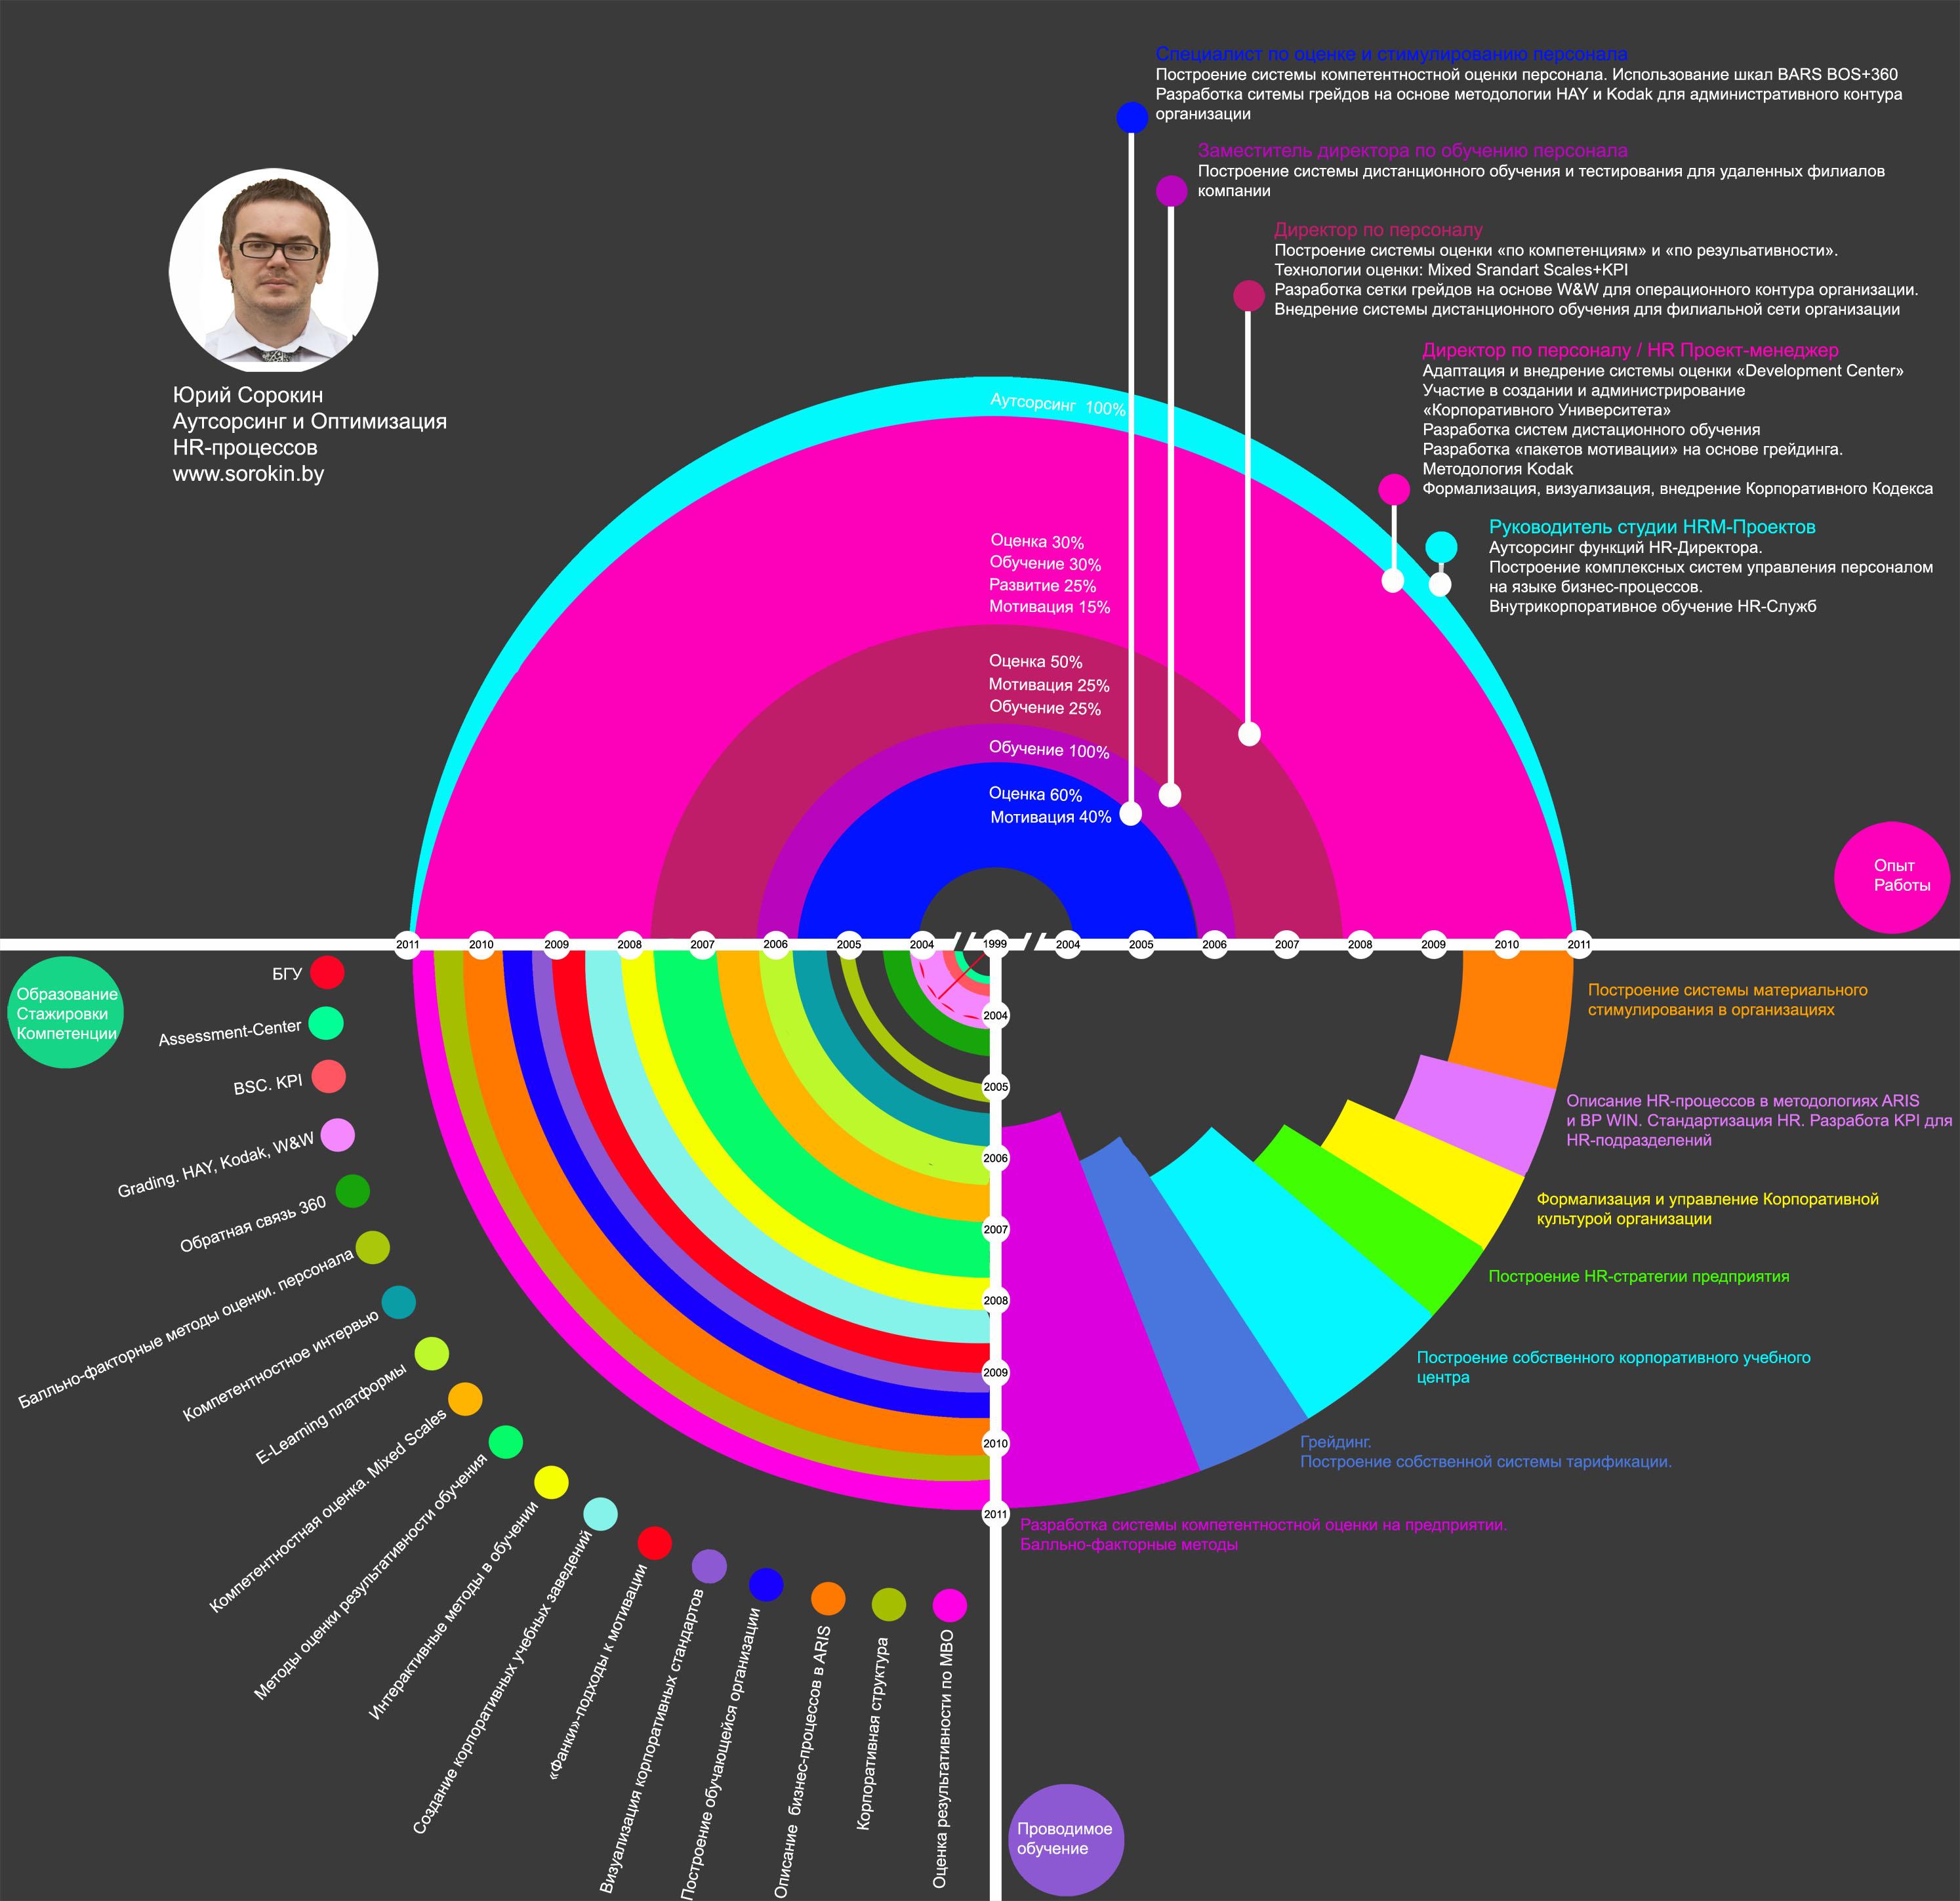 Юрий Сорокин Студия HR Проектов Резюме Инфографика О студии HR ПроектовУправление персоналом Сорокин Юрий HRM HR